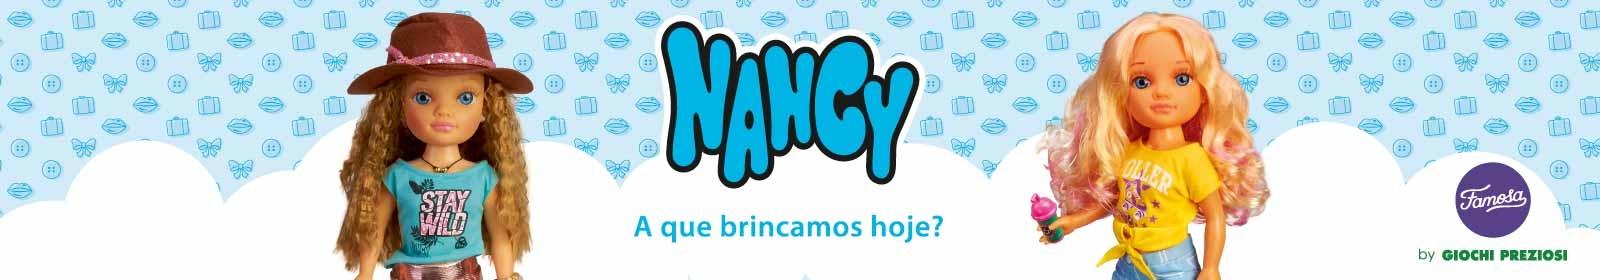 Comprar bonecas Nancy online ao melhor preço na Centroxogo